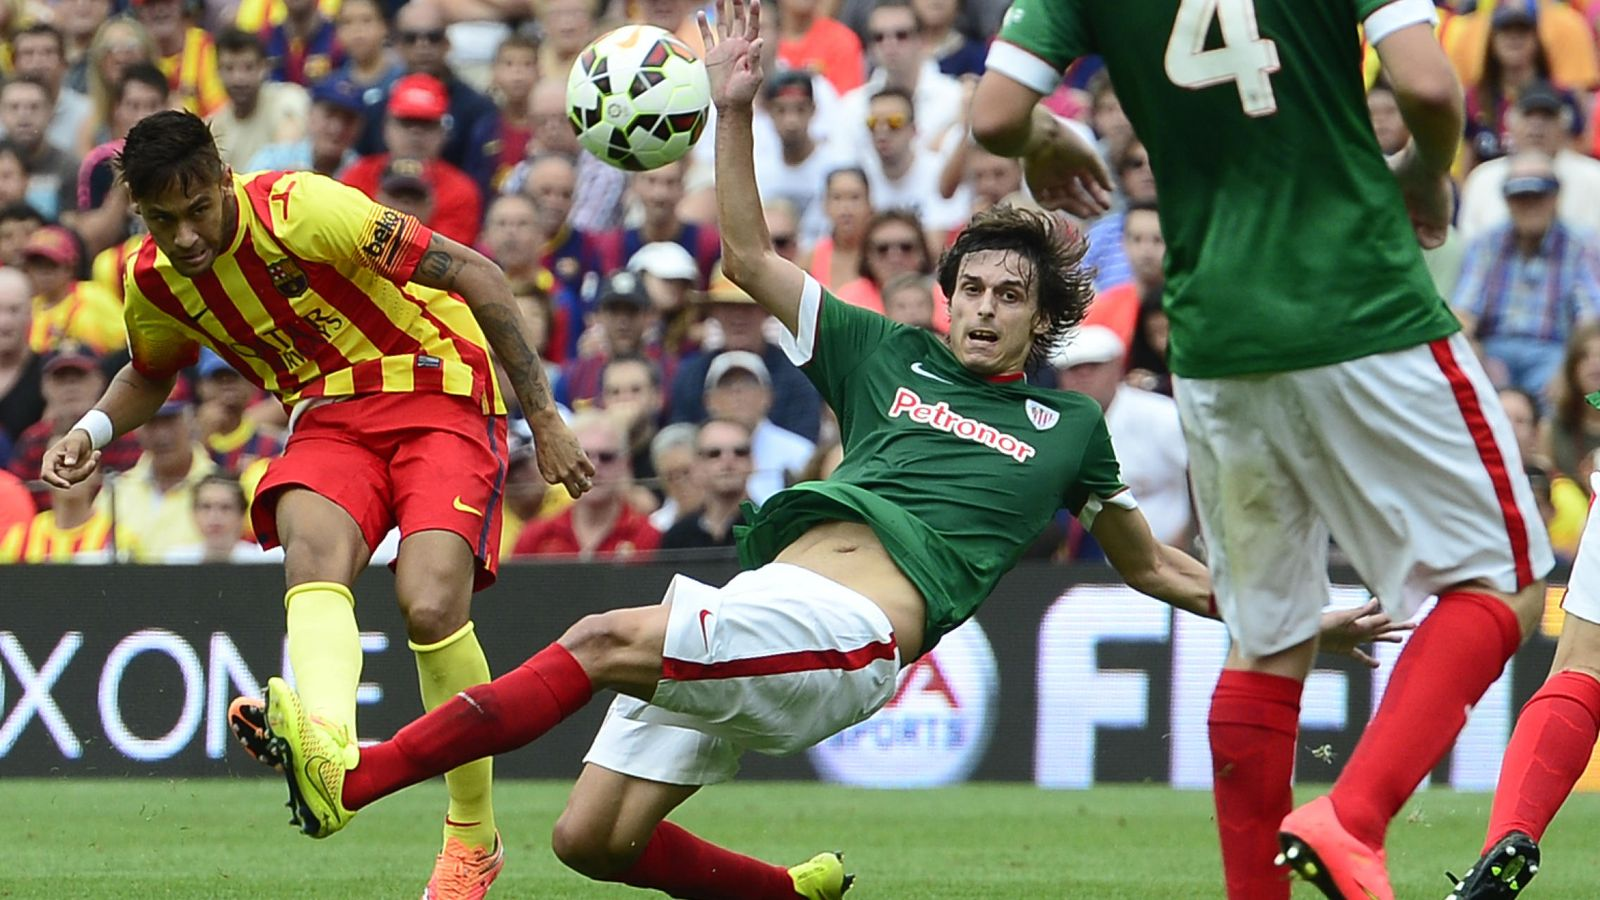 Euroliga de Baloncesto  Barça y Athletic habrían pedido no llevar los  colores de la bandera de España en la final fd6eec88a6e85